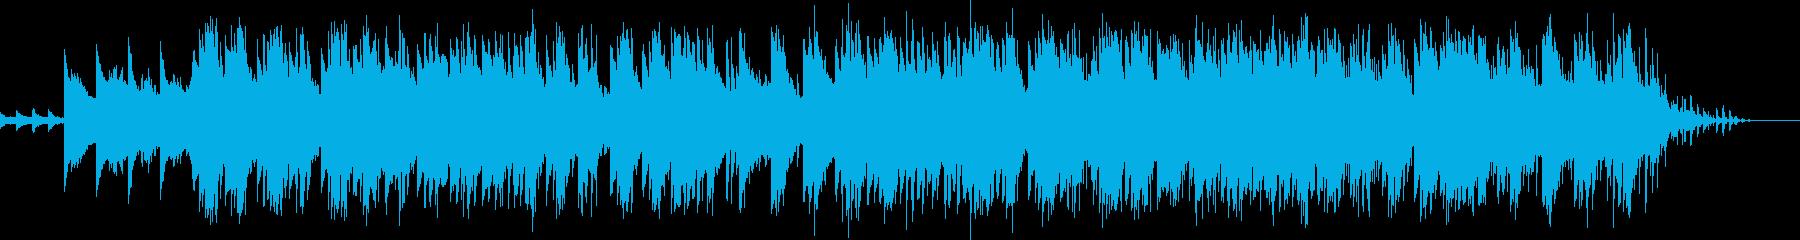 エレクトロニック 説明的 エスニッ...の再生済みの波形